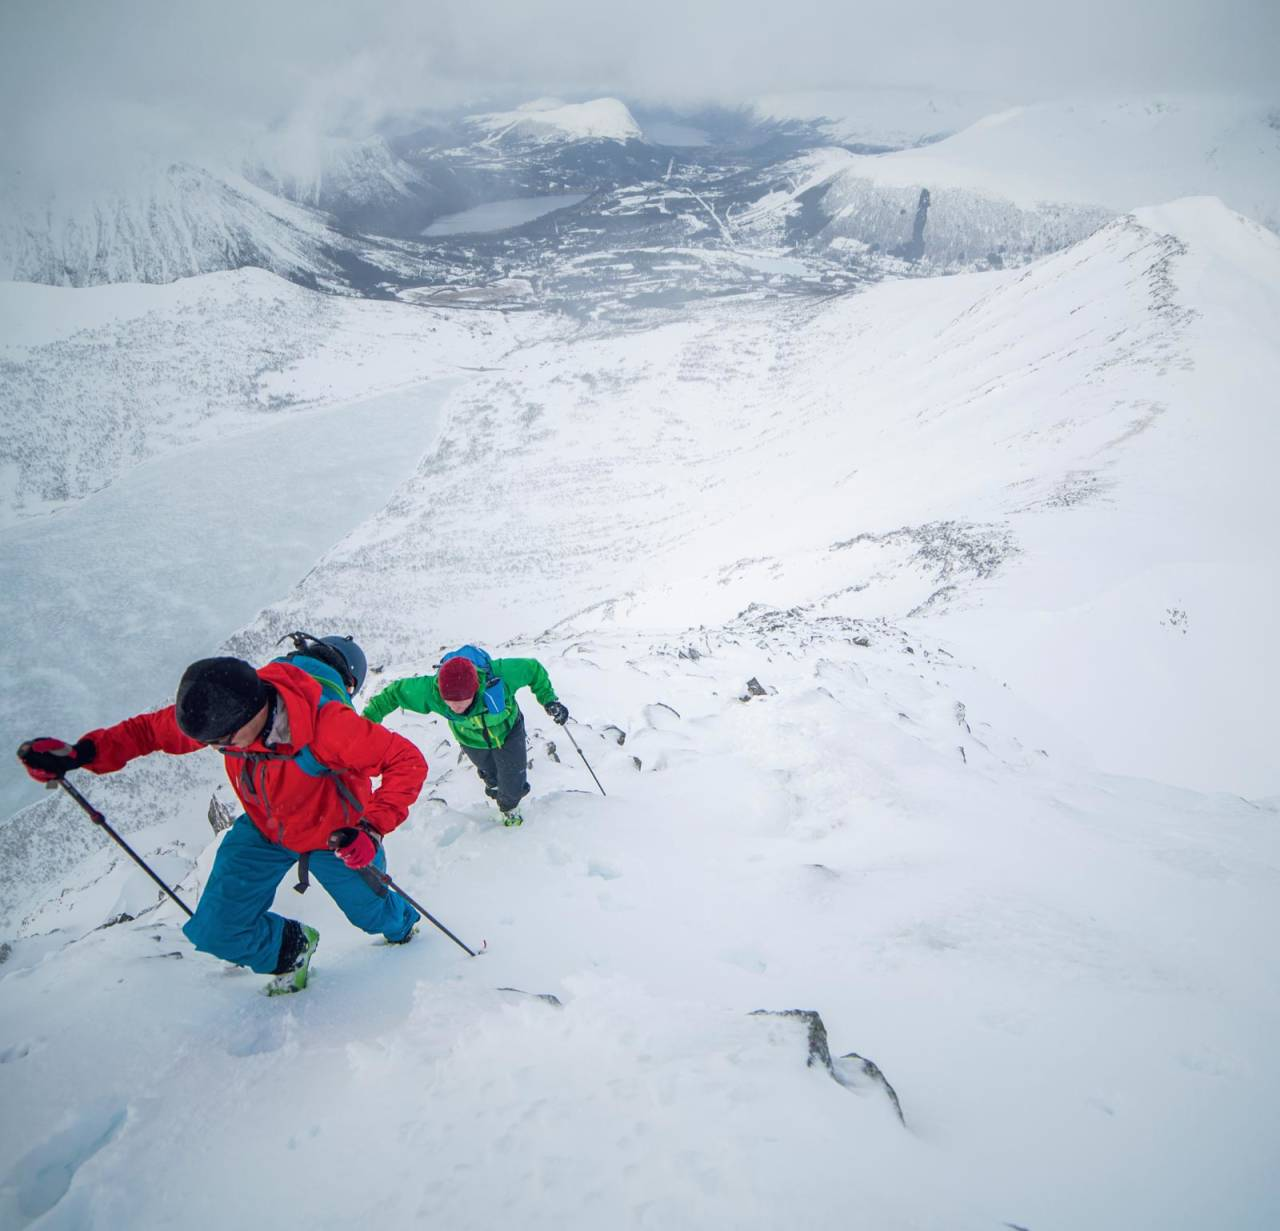 Bjarne Solbakken og Olav Viddal like under toppen. Ruter skissert inn i bakgrunnen. Foto: Håvard Myklebust.